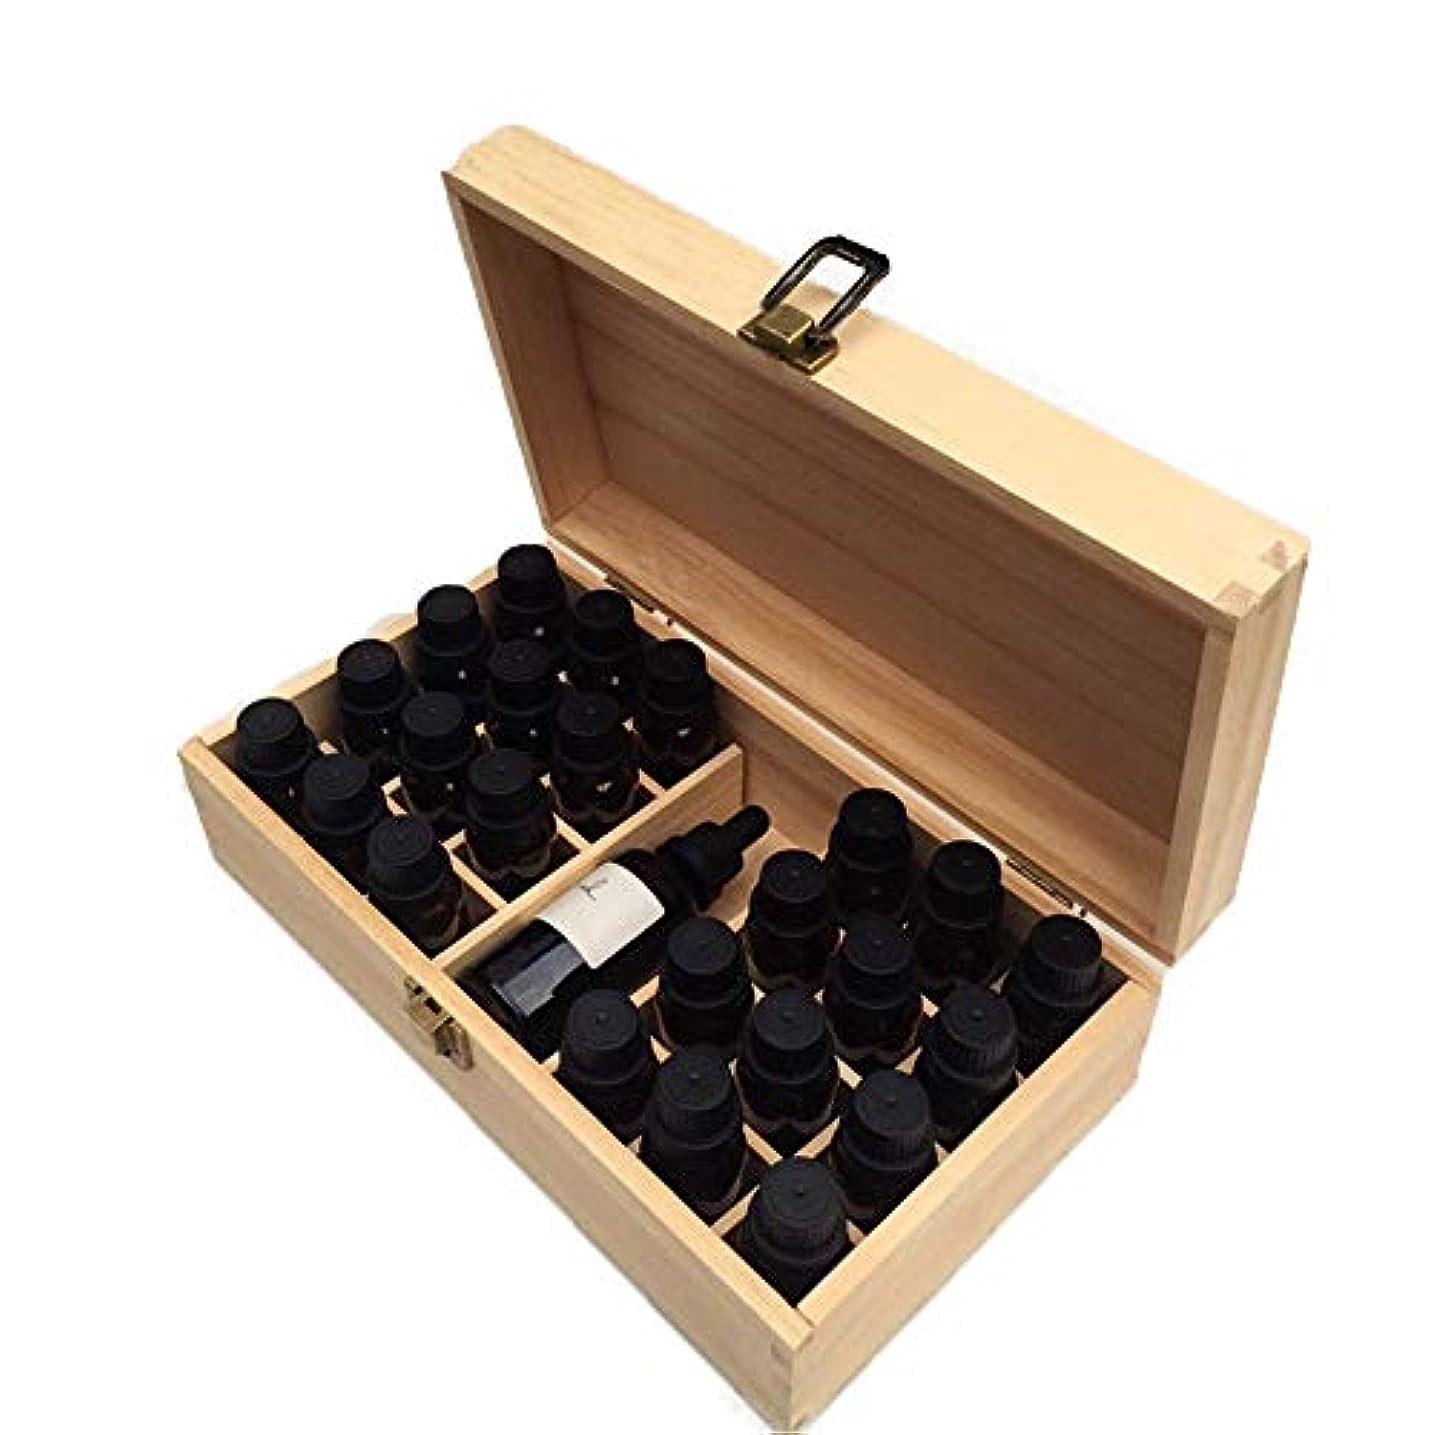 深遠慣習参加者ストレージボックスでは、安全に油を維持するためのベストハンドル25のボトル木製のエッセンシャルオイル アロマセラピー製品 (色 : Natural, サイズ : 27X15X9CM)